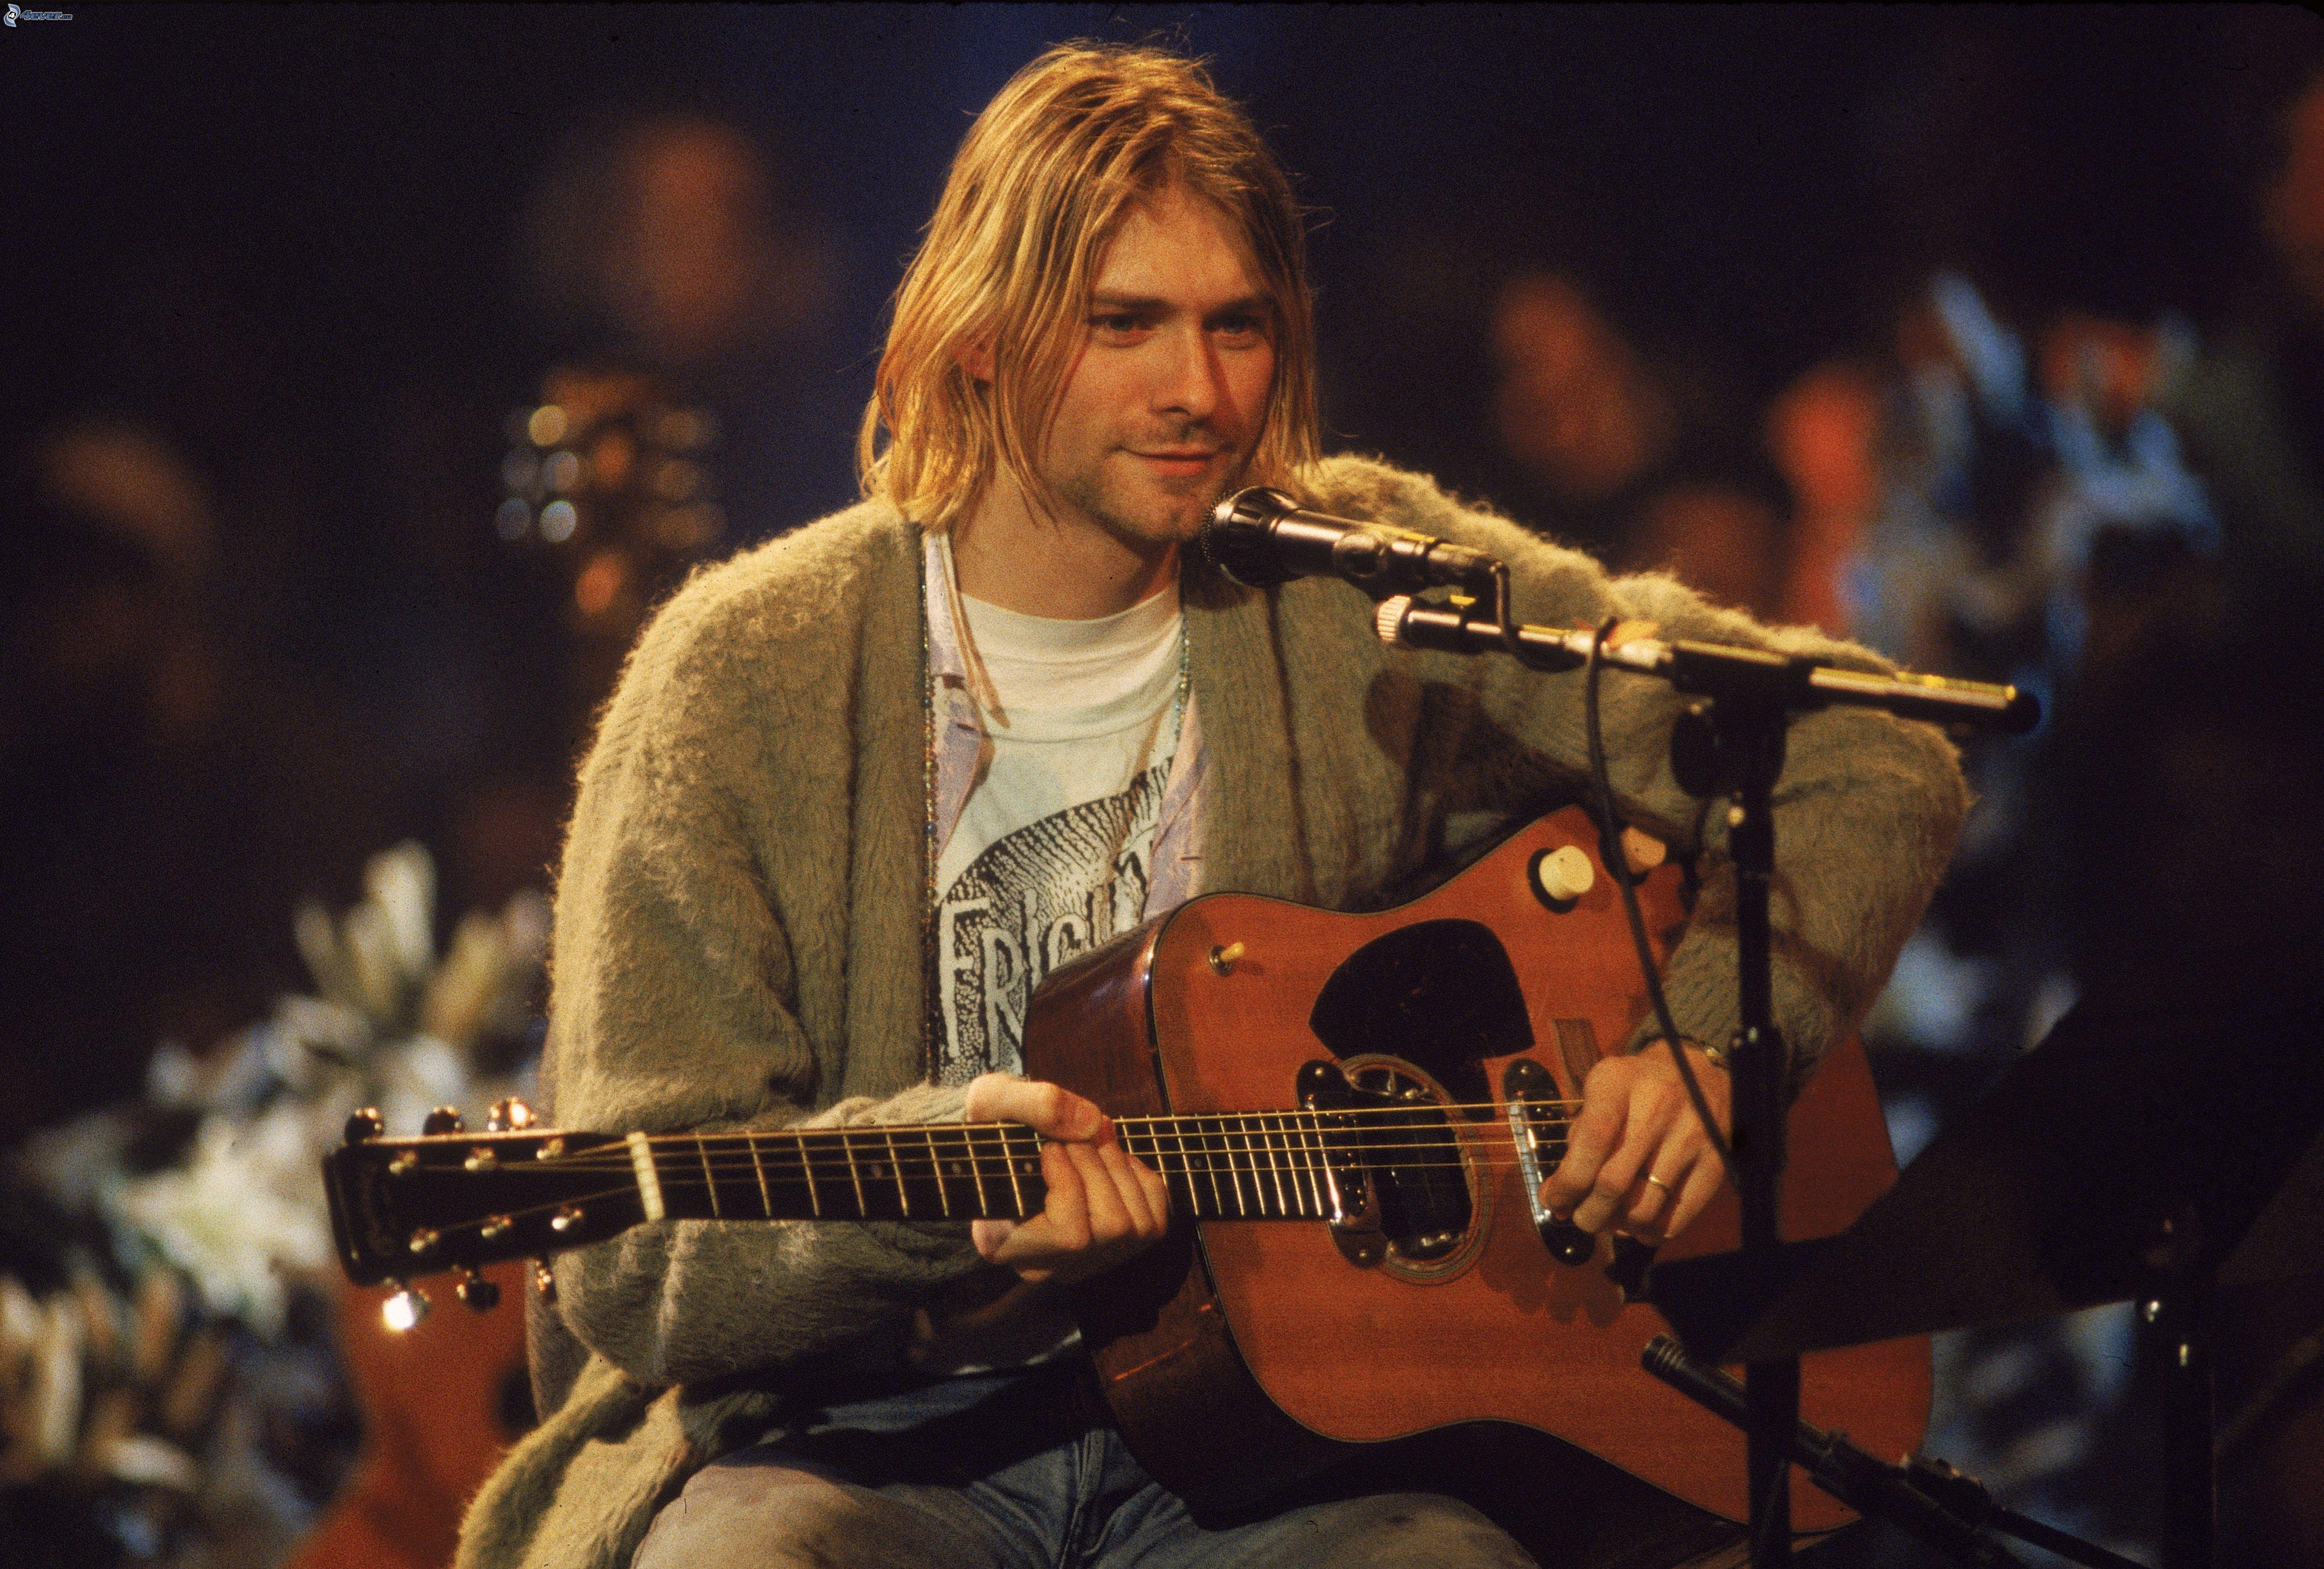 #UnDíaComoHoy 8 de Abril de 1994 el Electricista Gary Smith, que trabajaba en la casa de Kurt Cobain en Seattle descubrió el cuerpo de Cobain tendido en el suelo en el invernadero. http://ow.ly/i/ah7ye